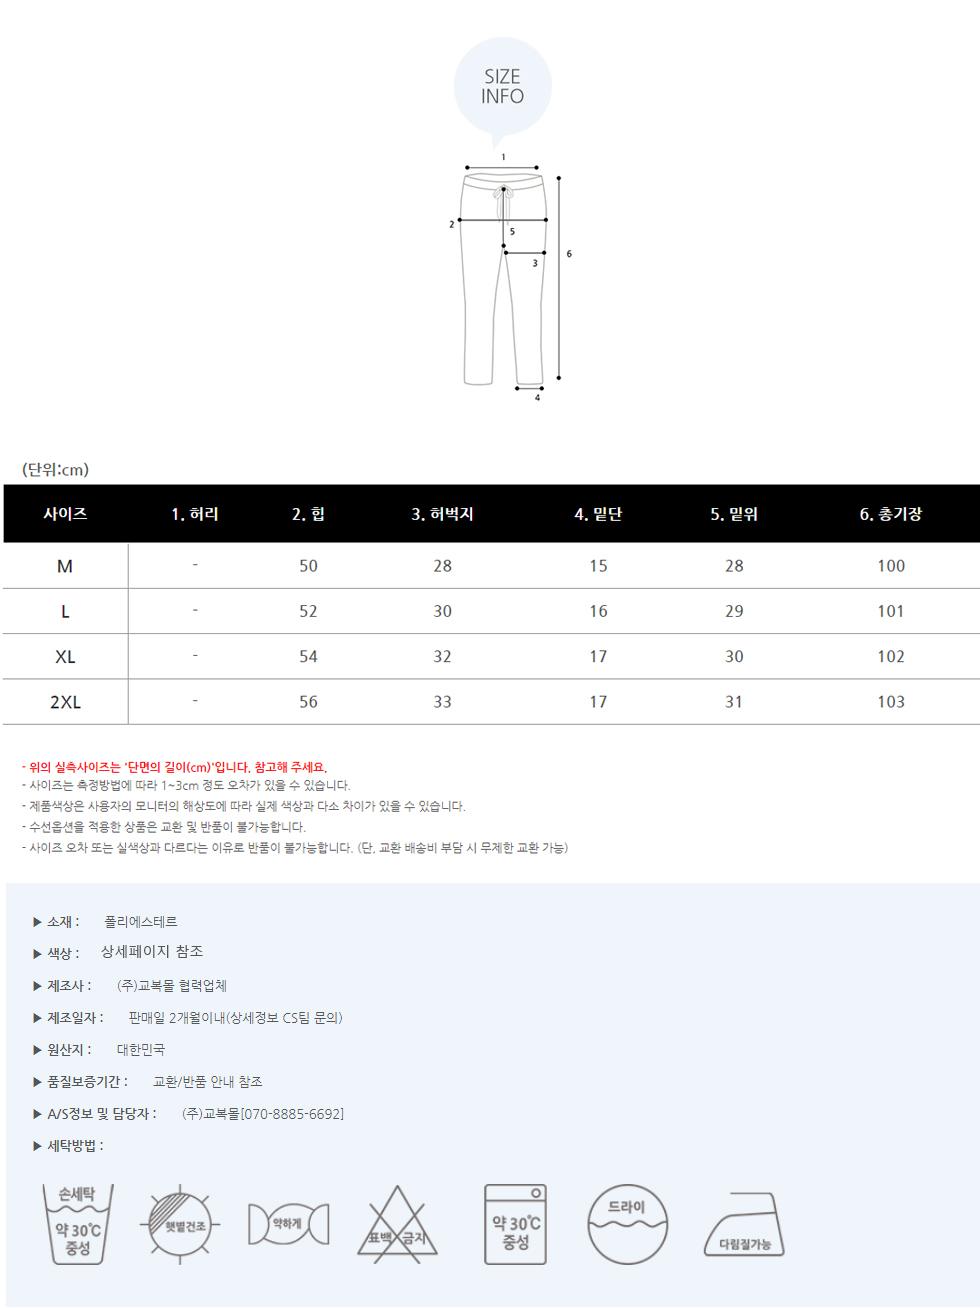 블랙 화이트라인 생활복 하의(여자) - 교복몰, 13,200원, 남성 스쿨룩, 하의